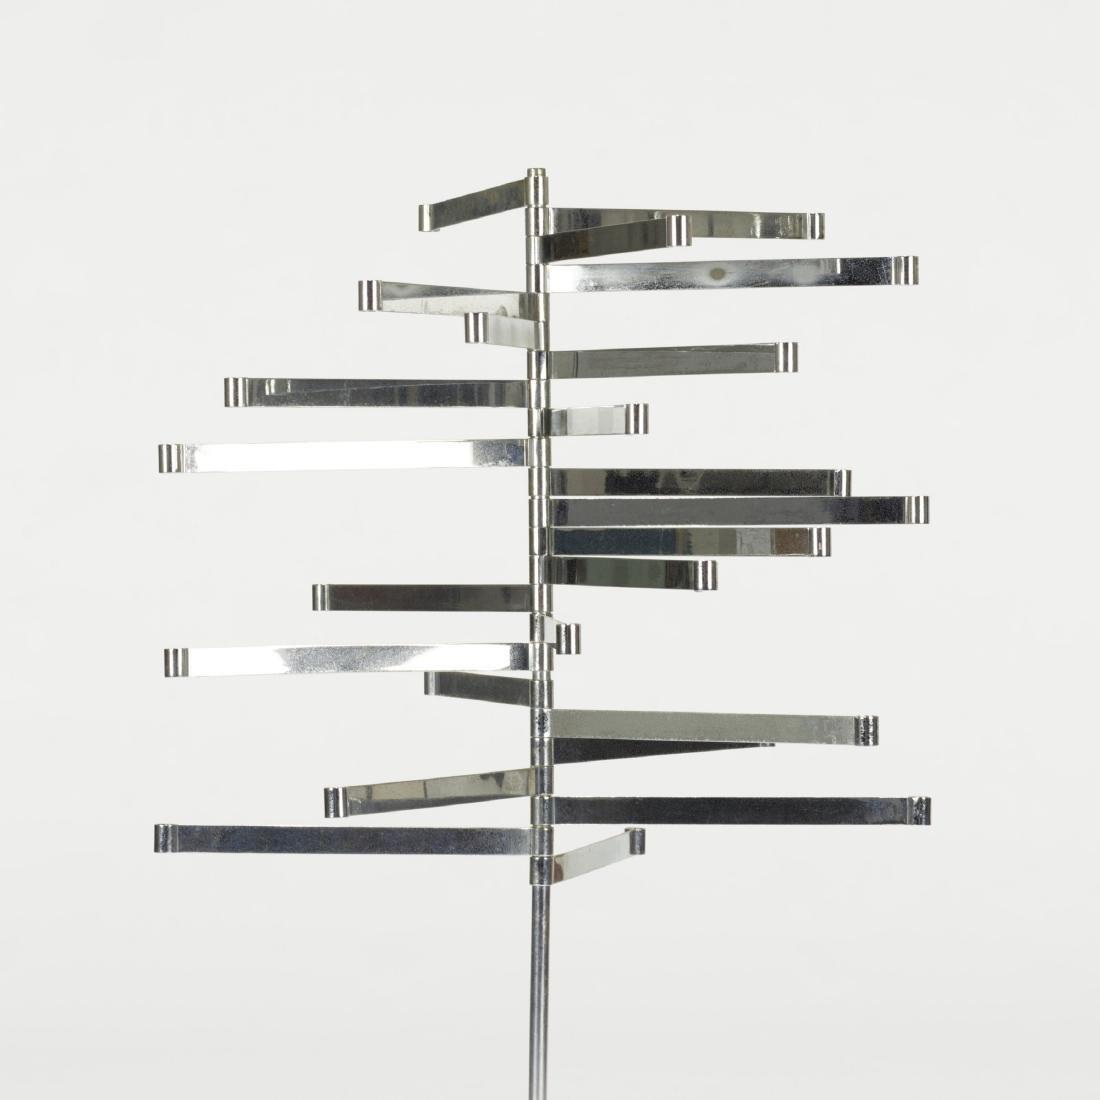 Hugh Acton, prototype magazine rack - 2